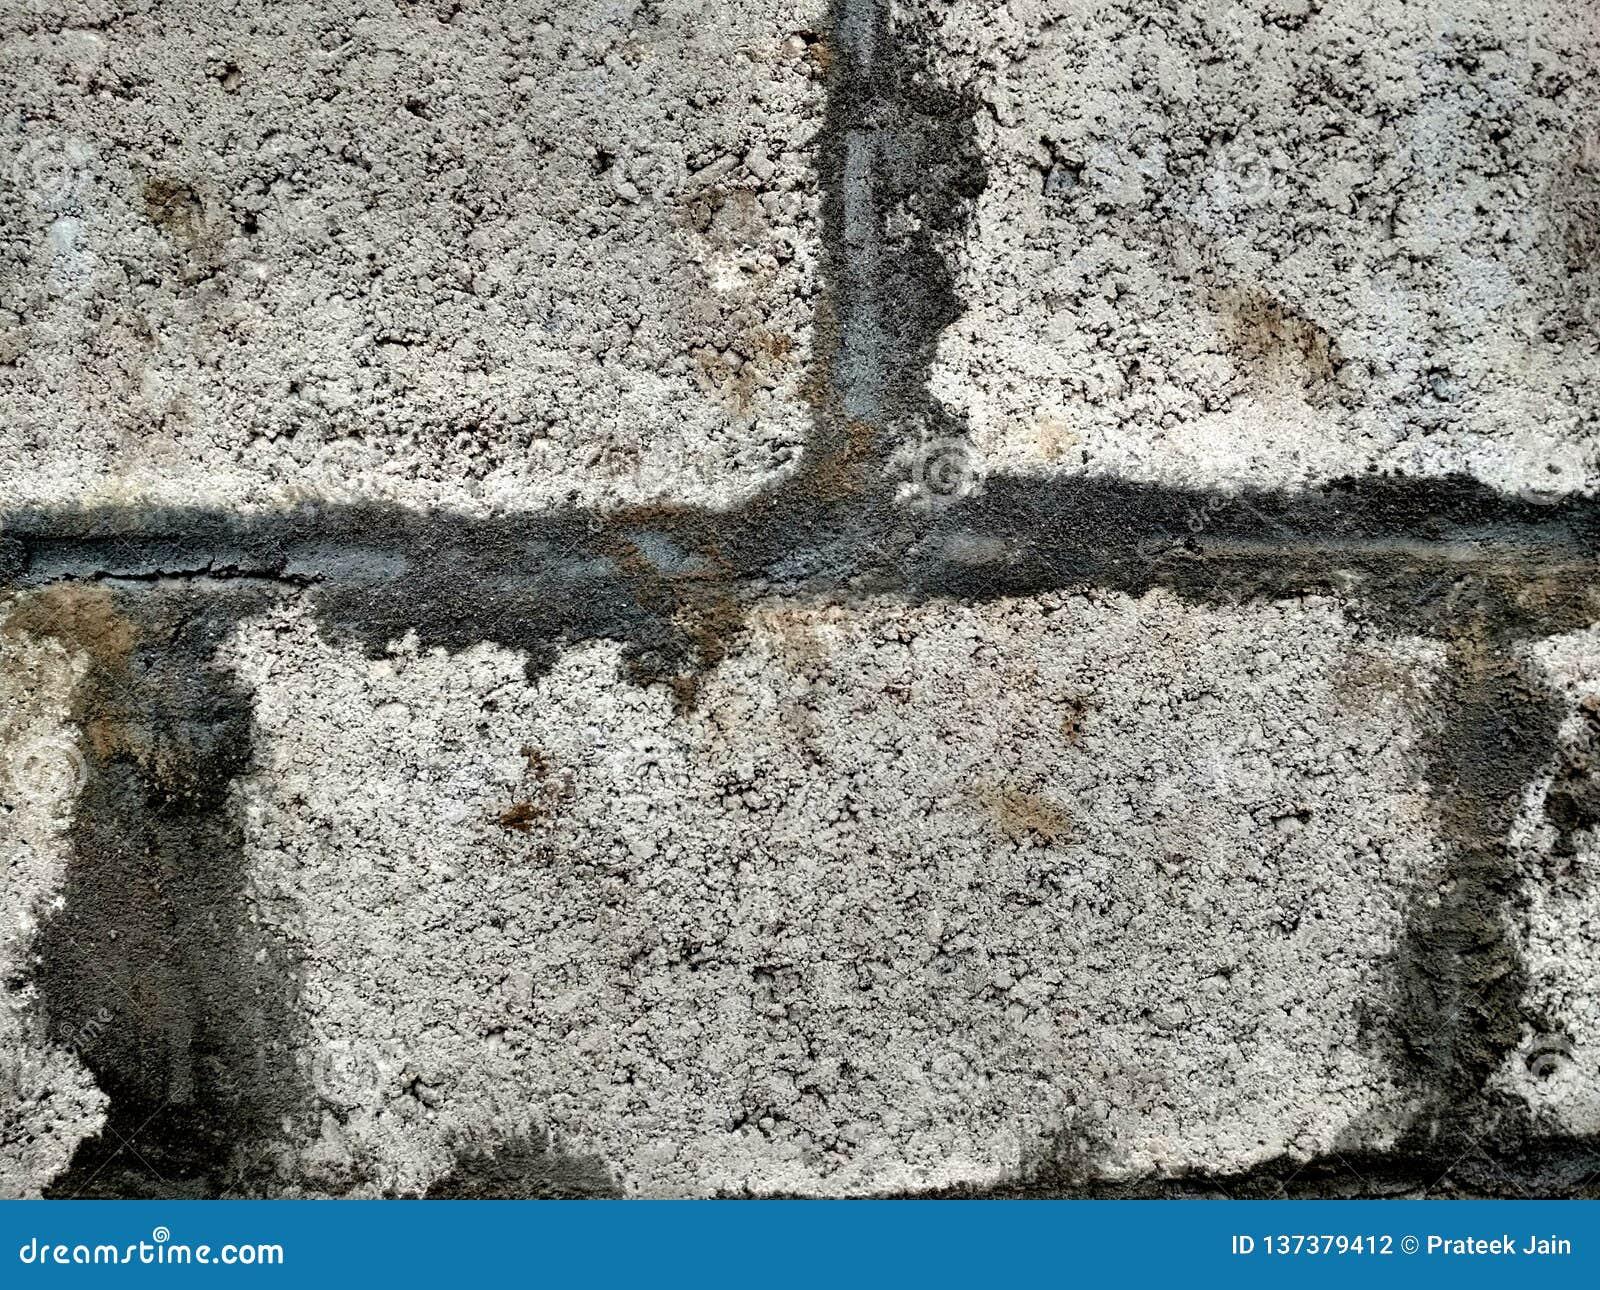 Hintergrundsammlung - eine starke Schicht Zement aus den Grund